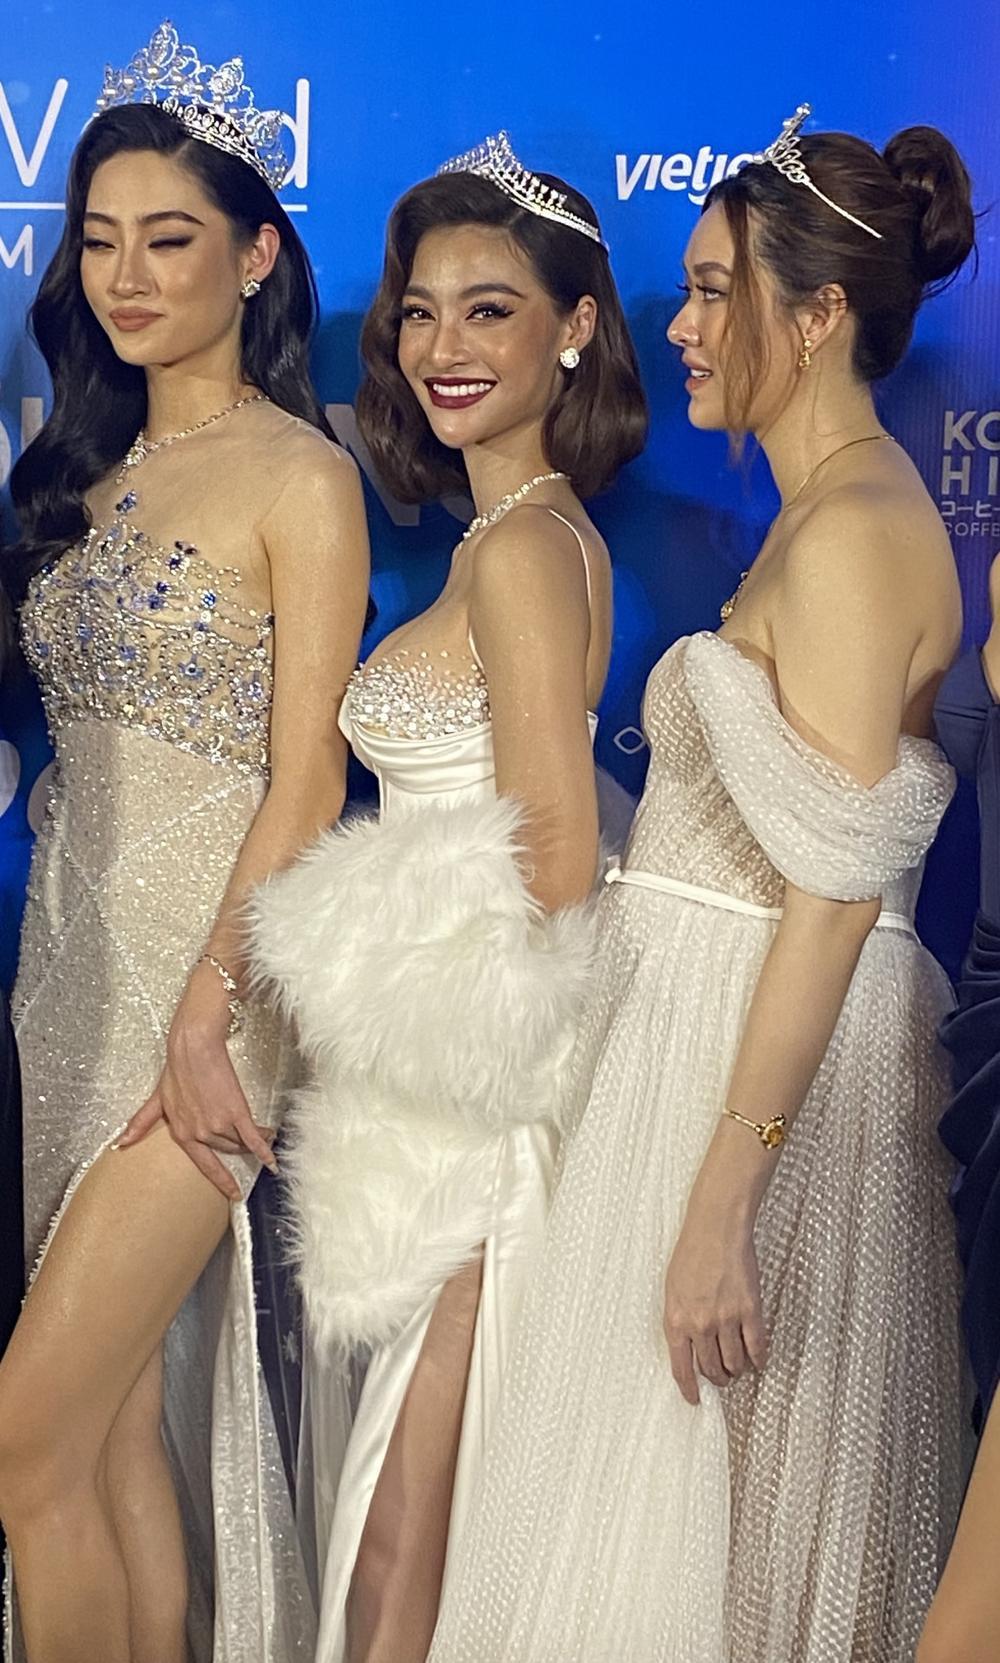 Á hậu Tường San diện váy bồng bềnh để lộ vòng 2 lùm xùm, fan chúc mừng 'chị đẹp' mang thai con đầu lòng? Ảnh 2